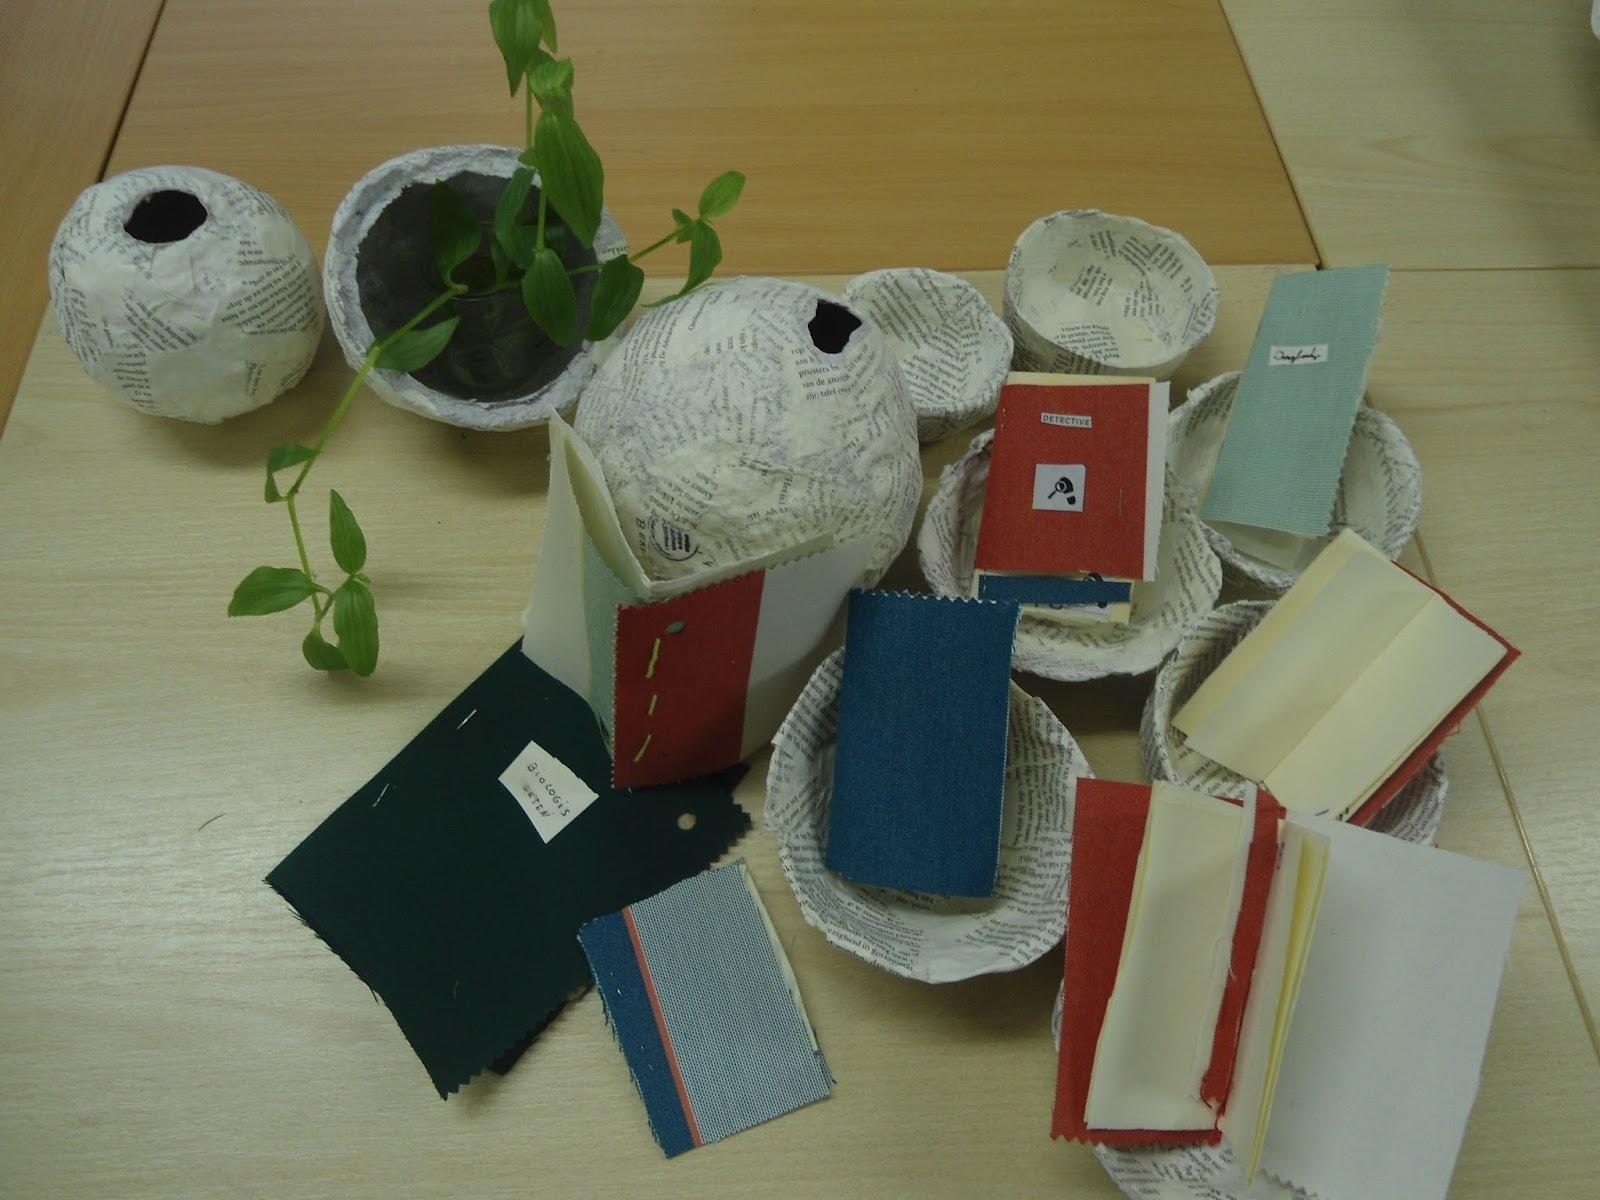 Vaak Octopus 3B: De nieuwe bieb: knutselen met oude boeken @ET16